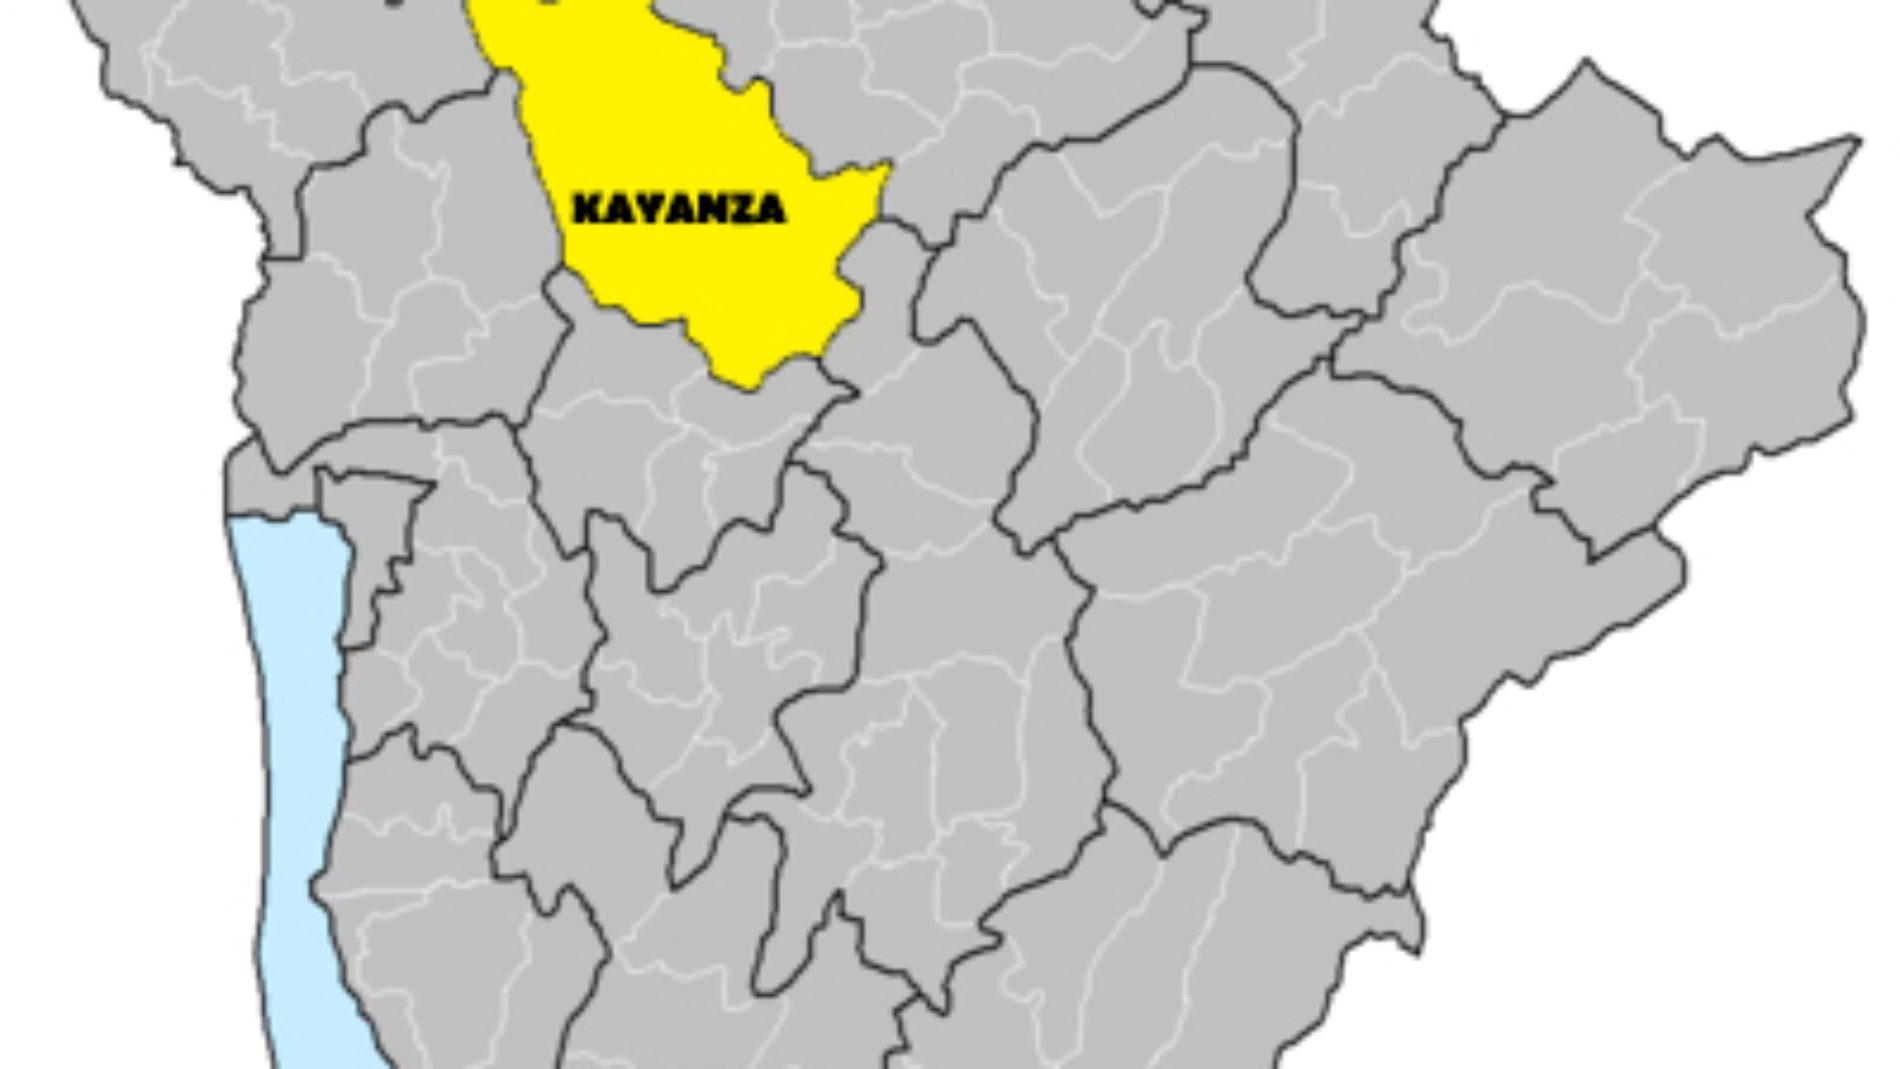 Kayanza : le dépistage volontaire du VIH sida n'est plus possible